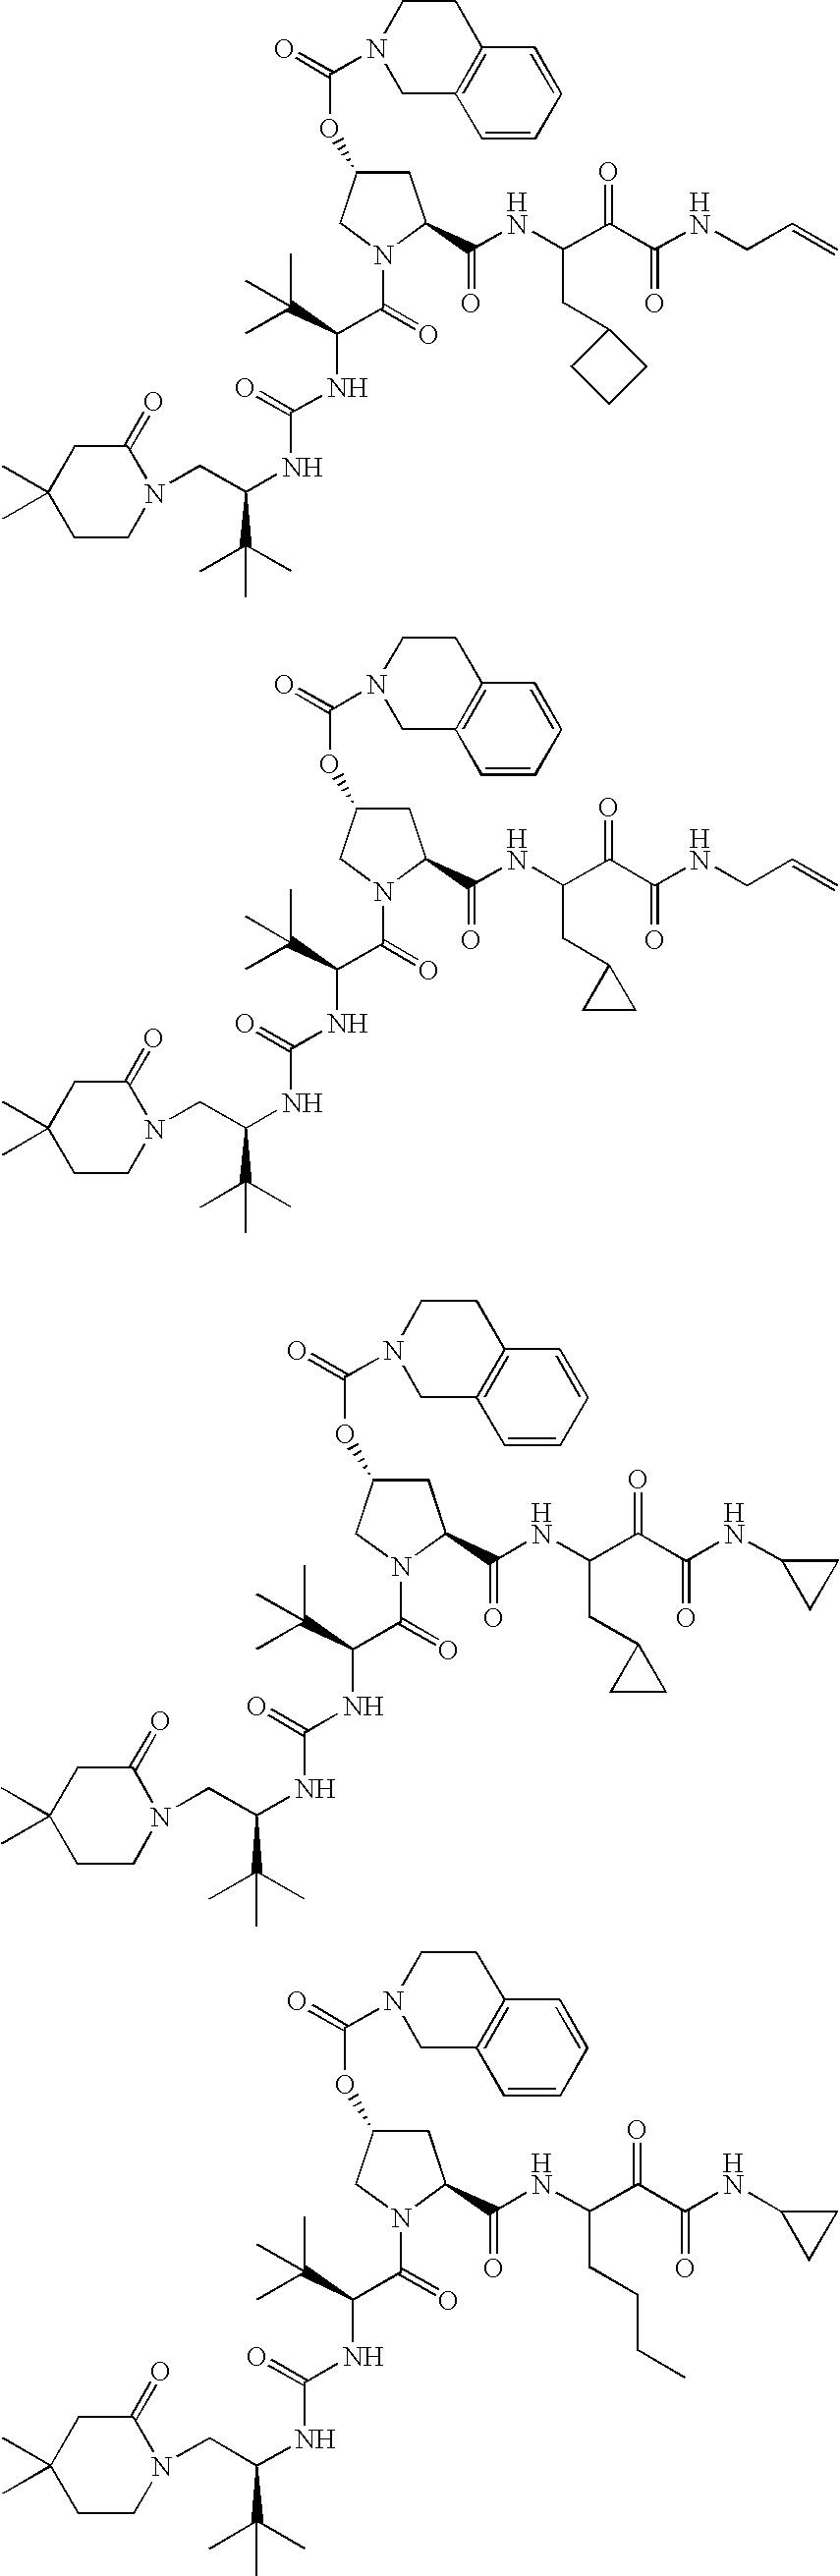 Figure US20060287248A1-20061221-C00567